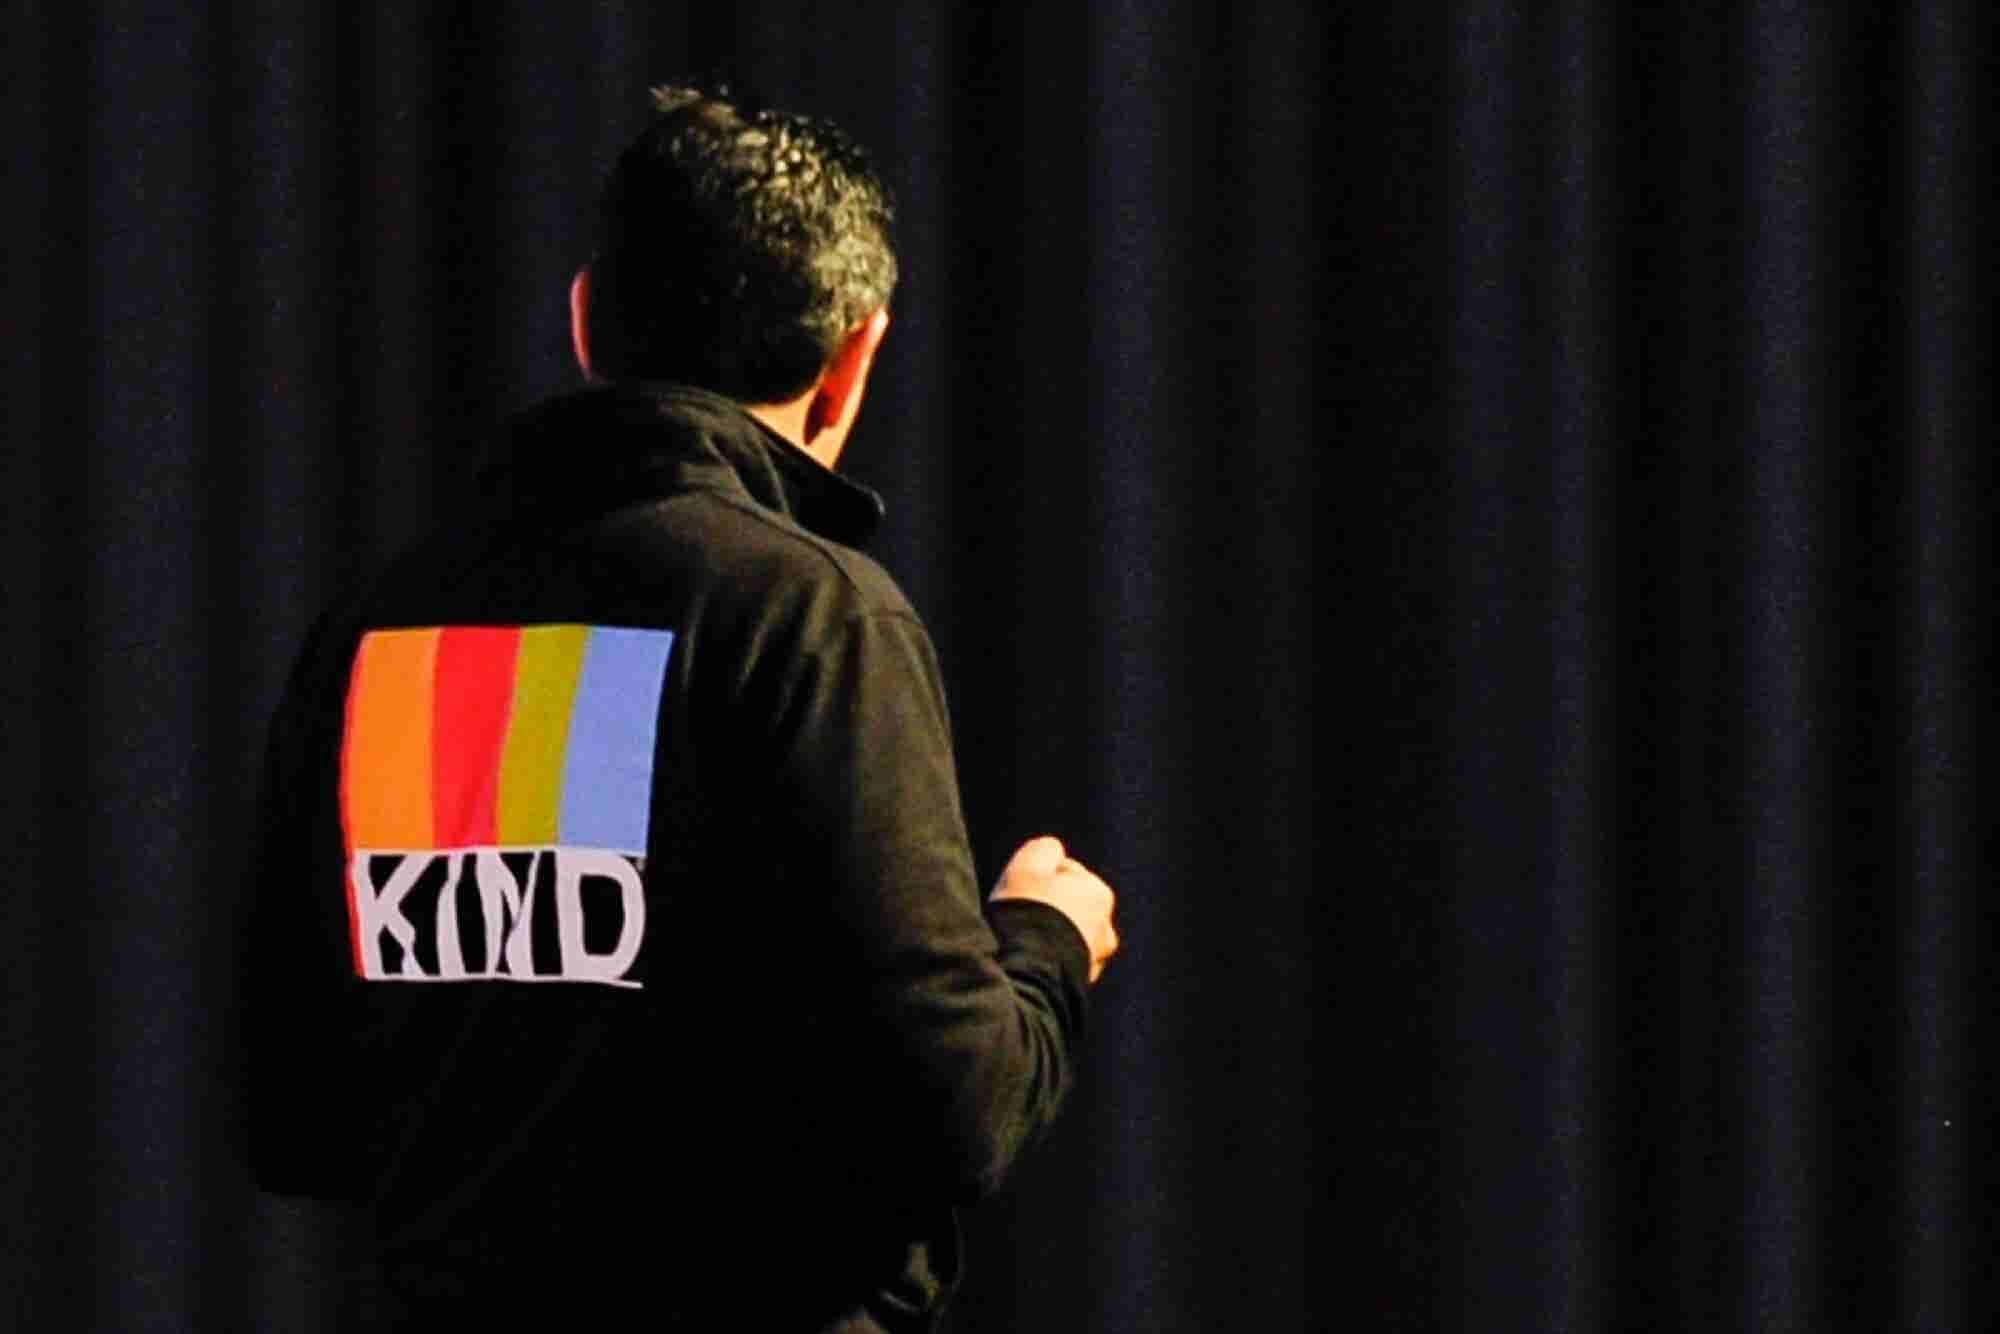 The KIND Founder's 10 Tenets of Entrepreneurship